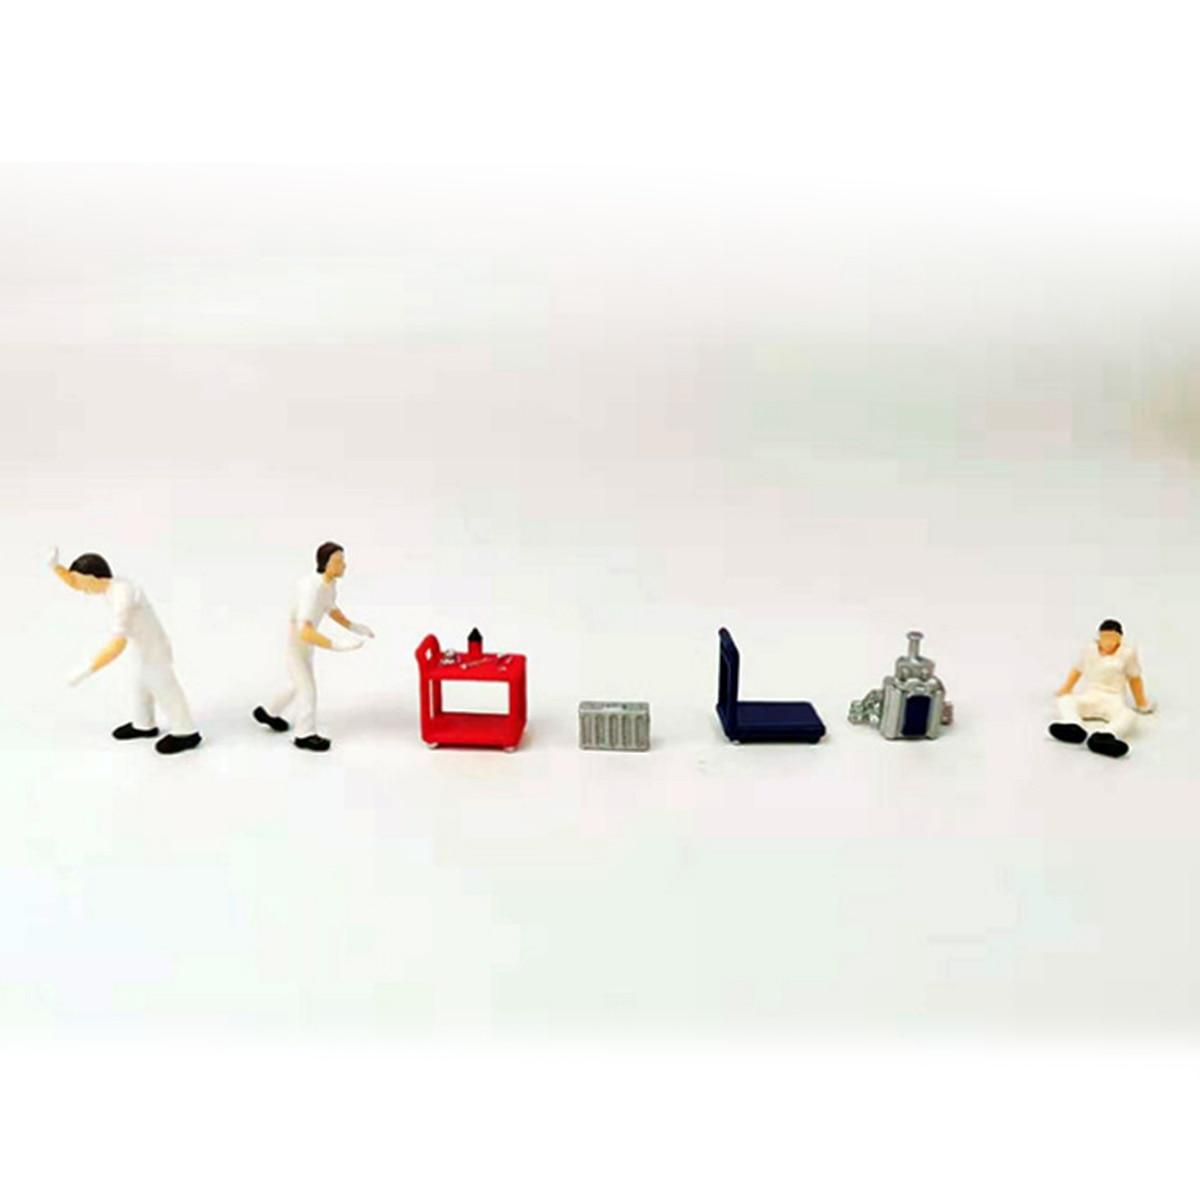 1:64 Repair Depot Auto Repairman Model Figure Scenario Models Kit Scene